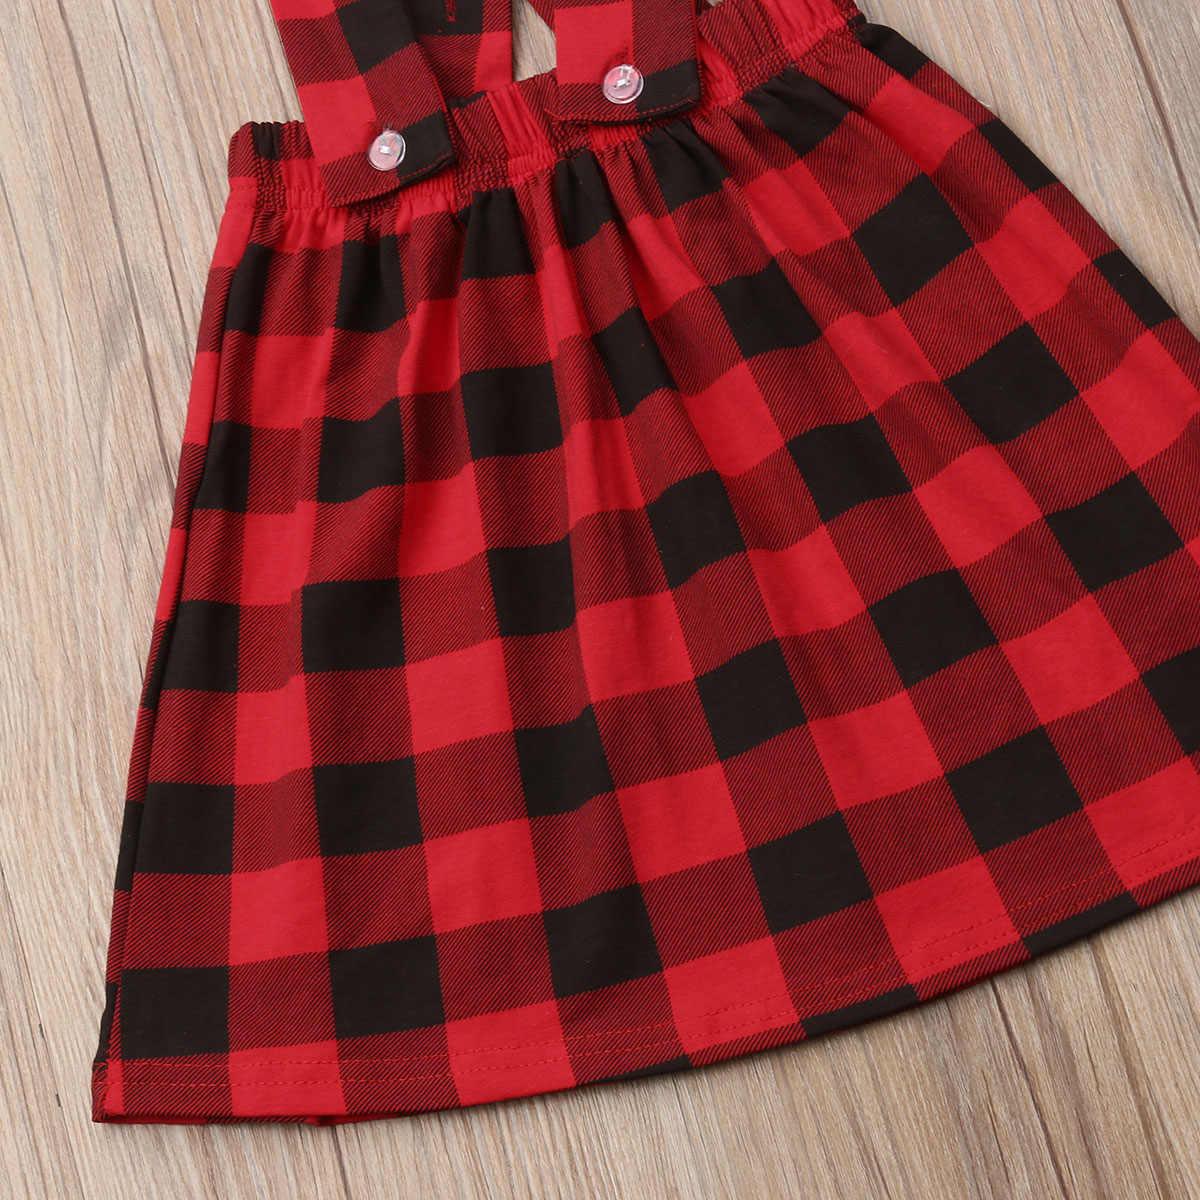 ילדות קטנות צלב רצועת שמלת יילוד תינוקת משובץ סרבל שמלות בגימור תלבושות בגדי 2 יחידות סט 1-6 t